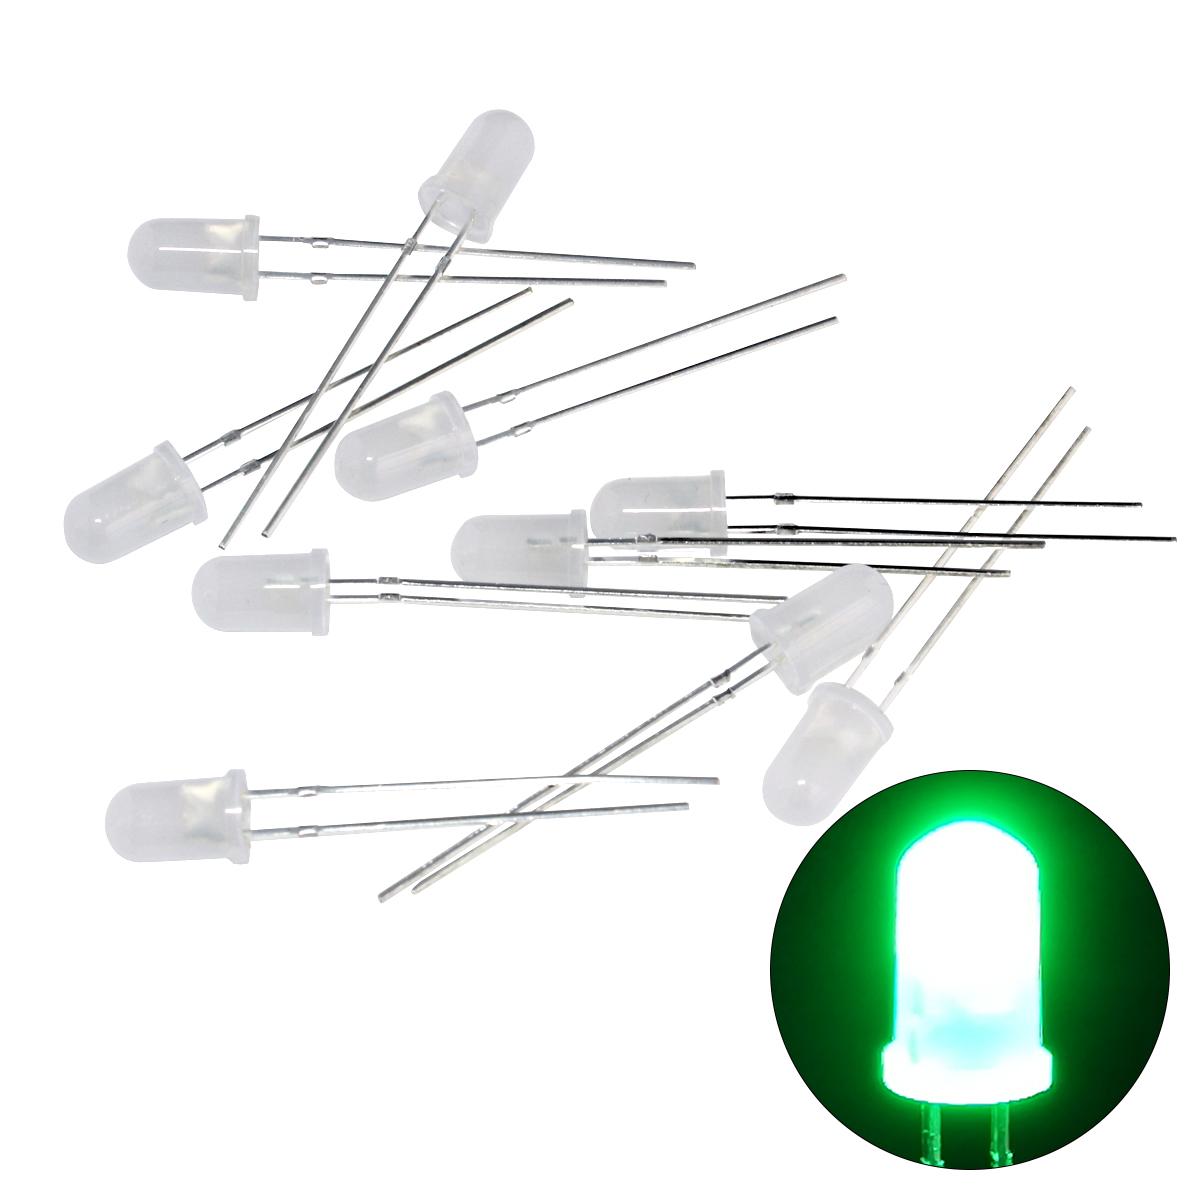 Kaito1205(50個) LED 砲弾型 5mm 緑色 (乳白色) 2000〜3000mcd 517-520nm 3.0-3.2V